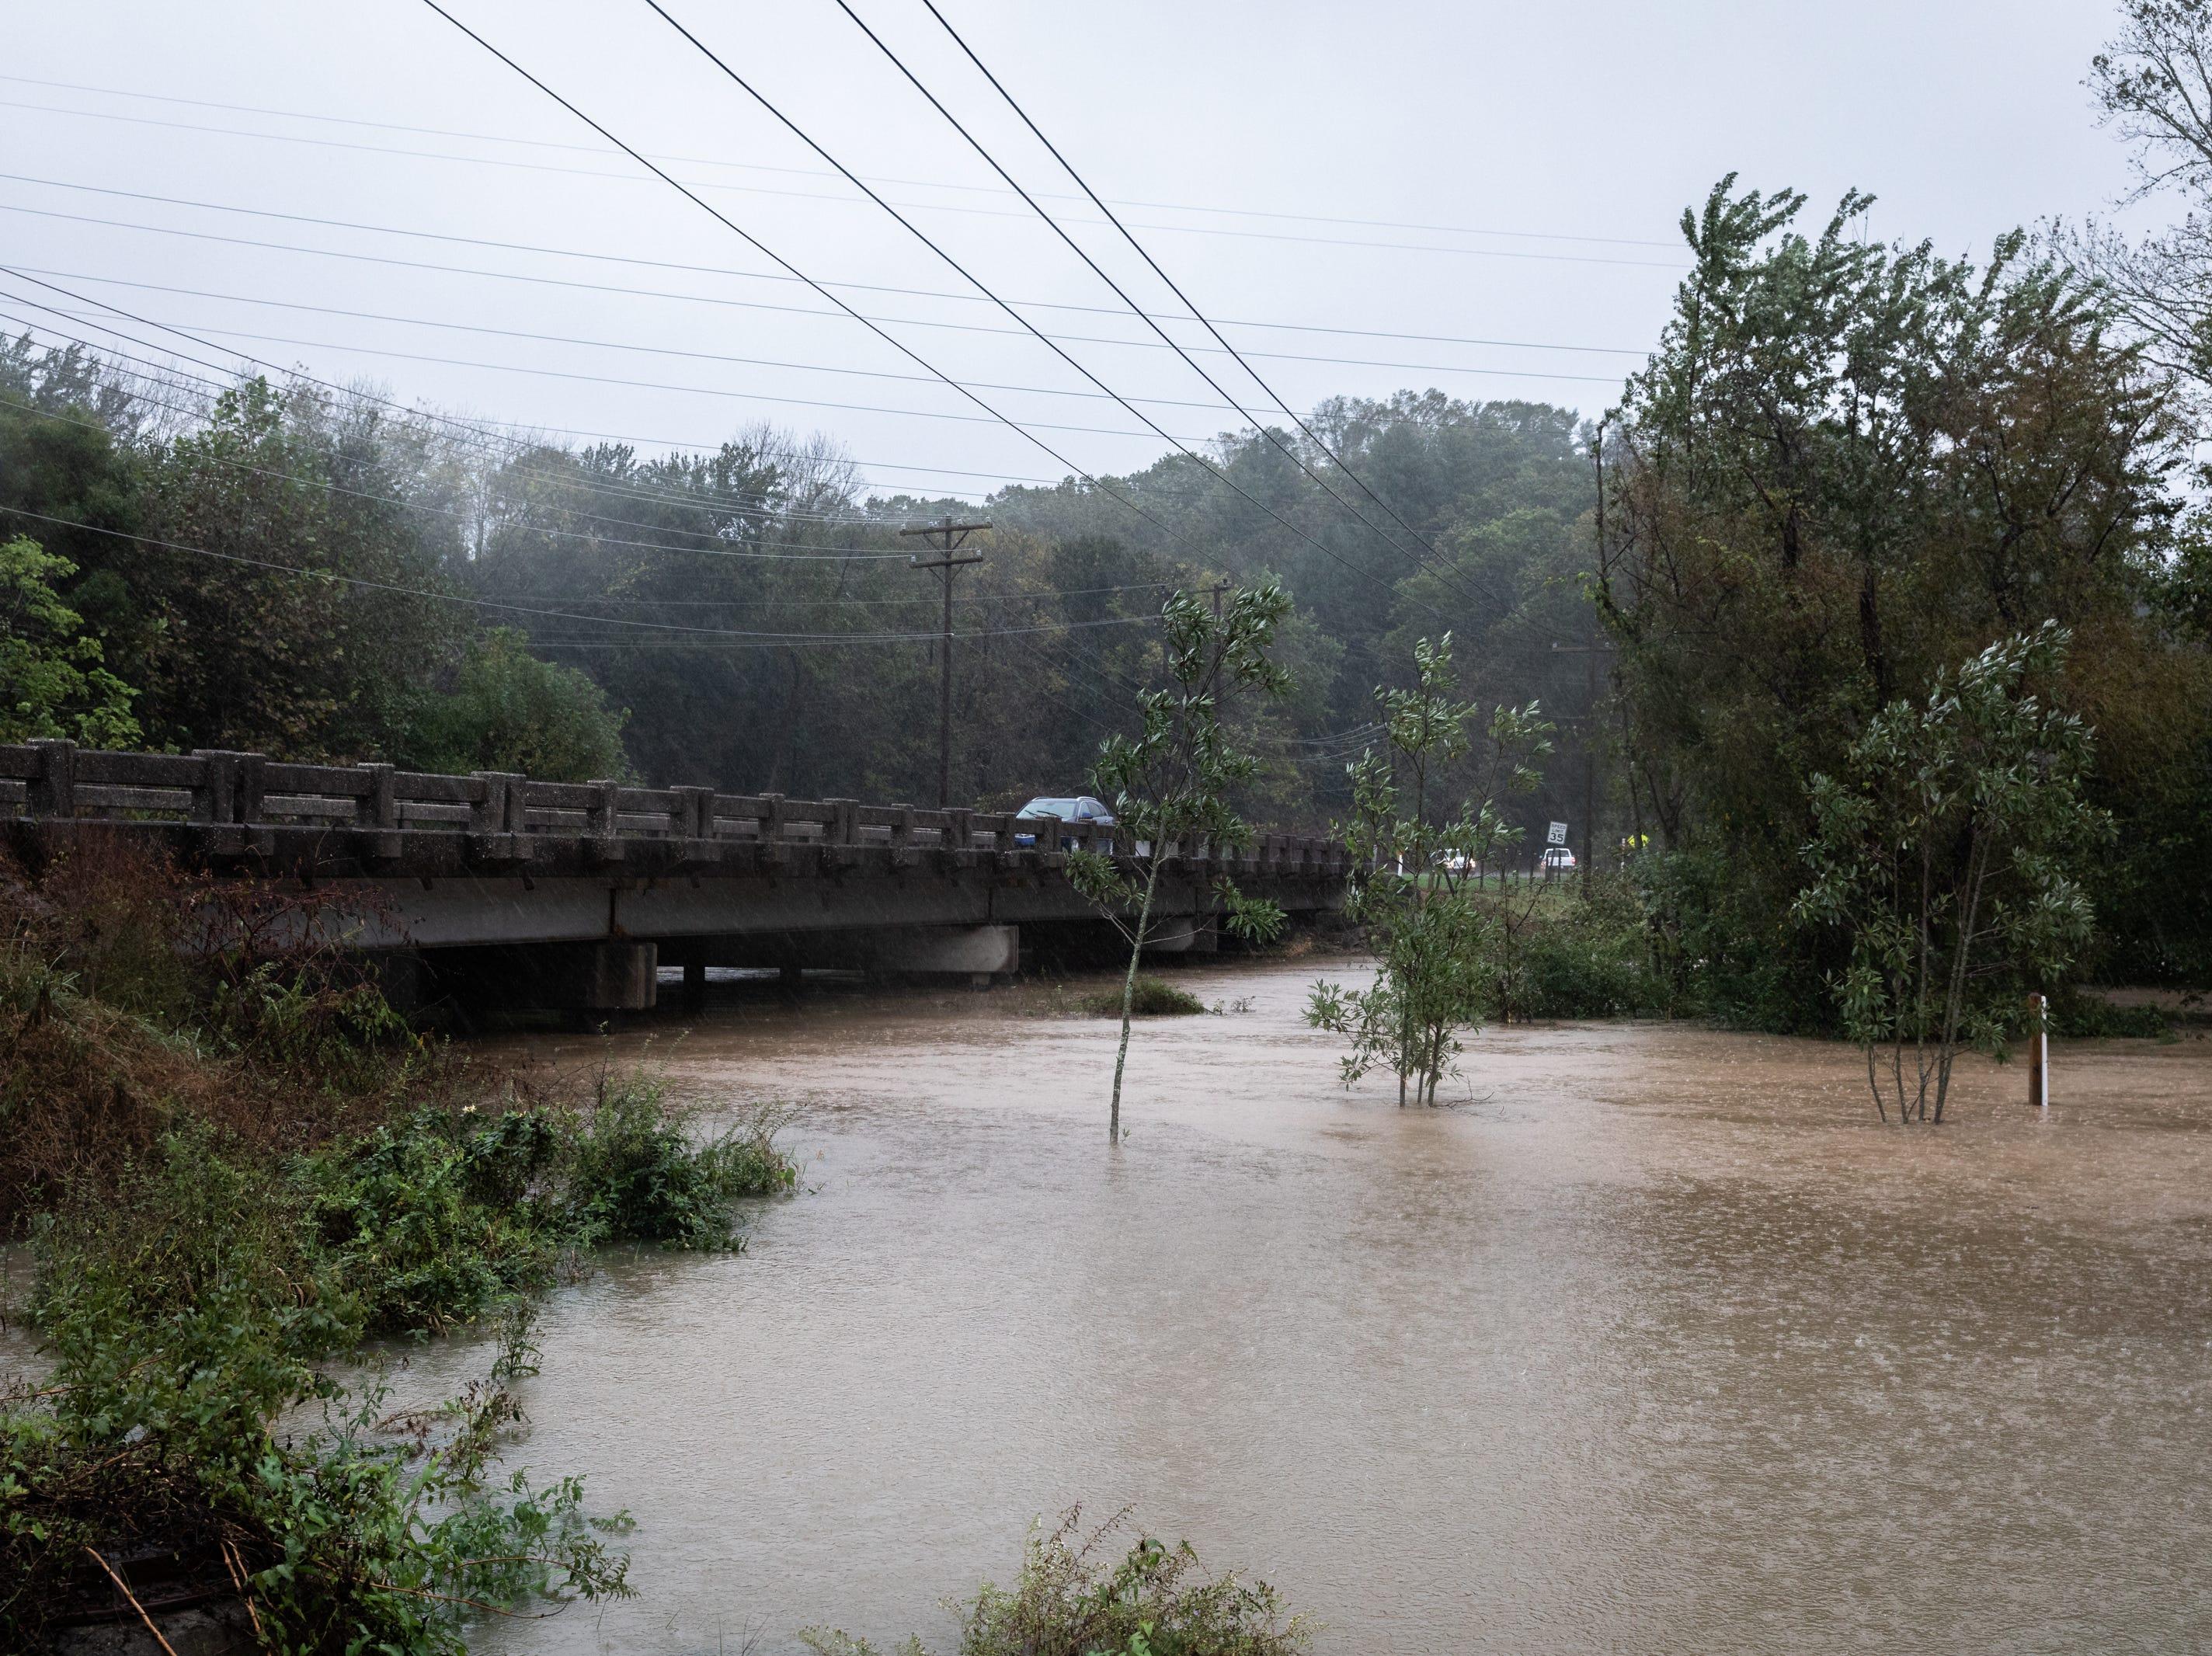 Mud Creek floods the Oklawaha Greenway on Berkeley Road in Hendersonville Oct. 11, 2018.